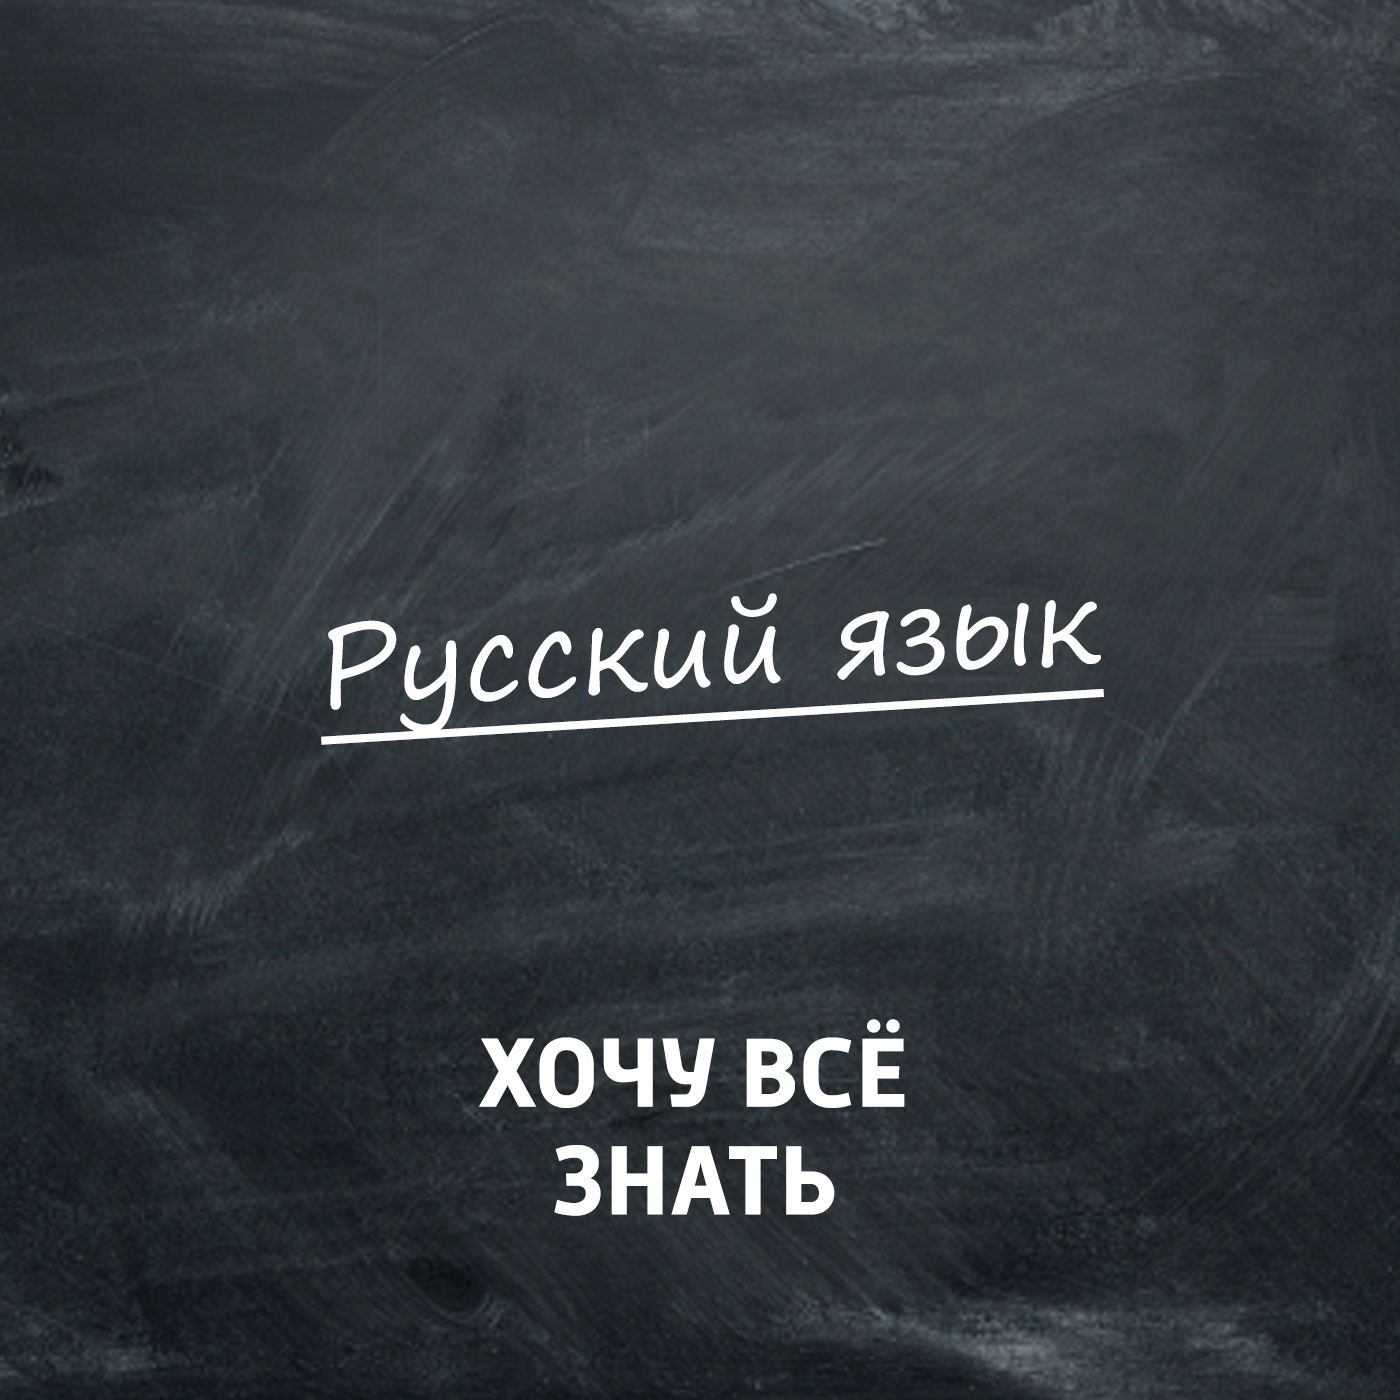 Купить книгу Олимпиадные задачи. Русский язык. Часть 76: цветы, автора